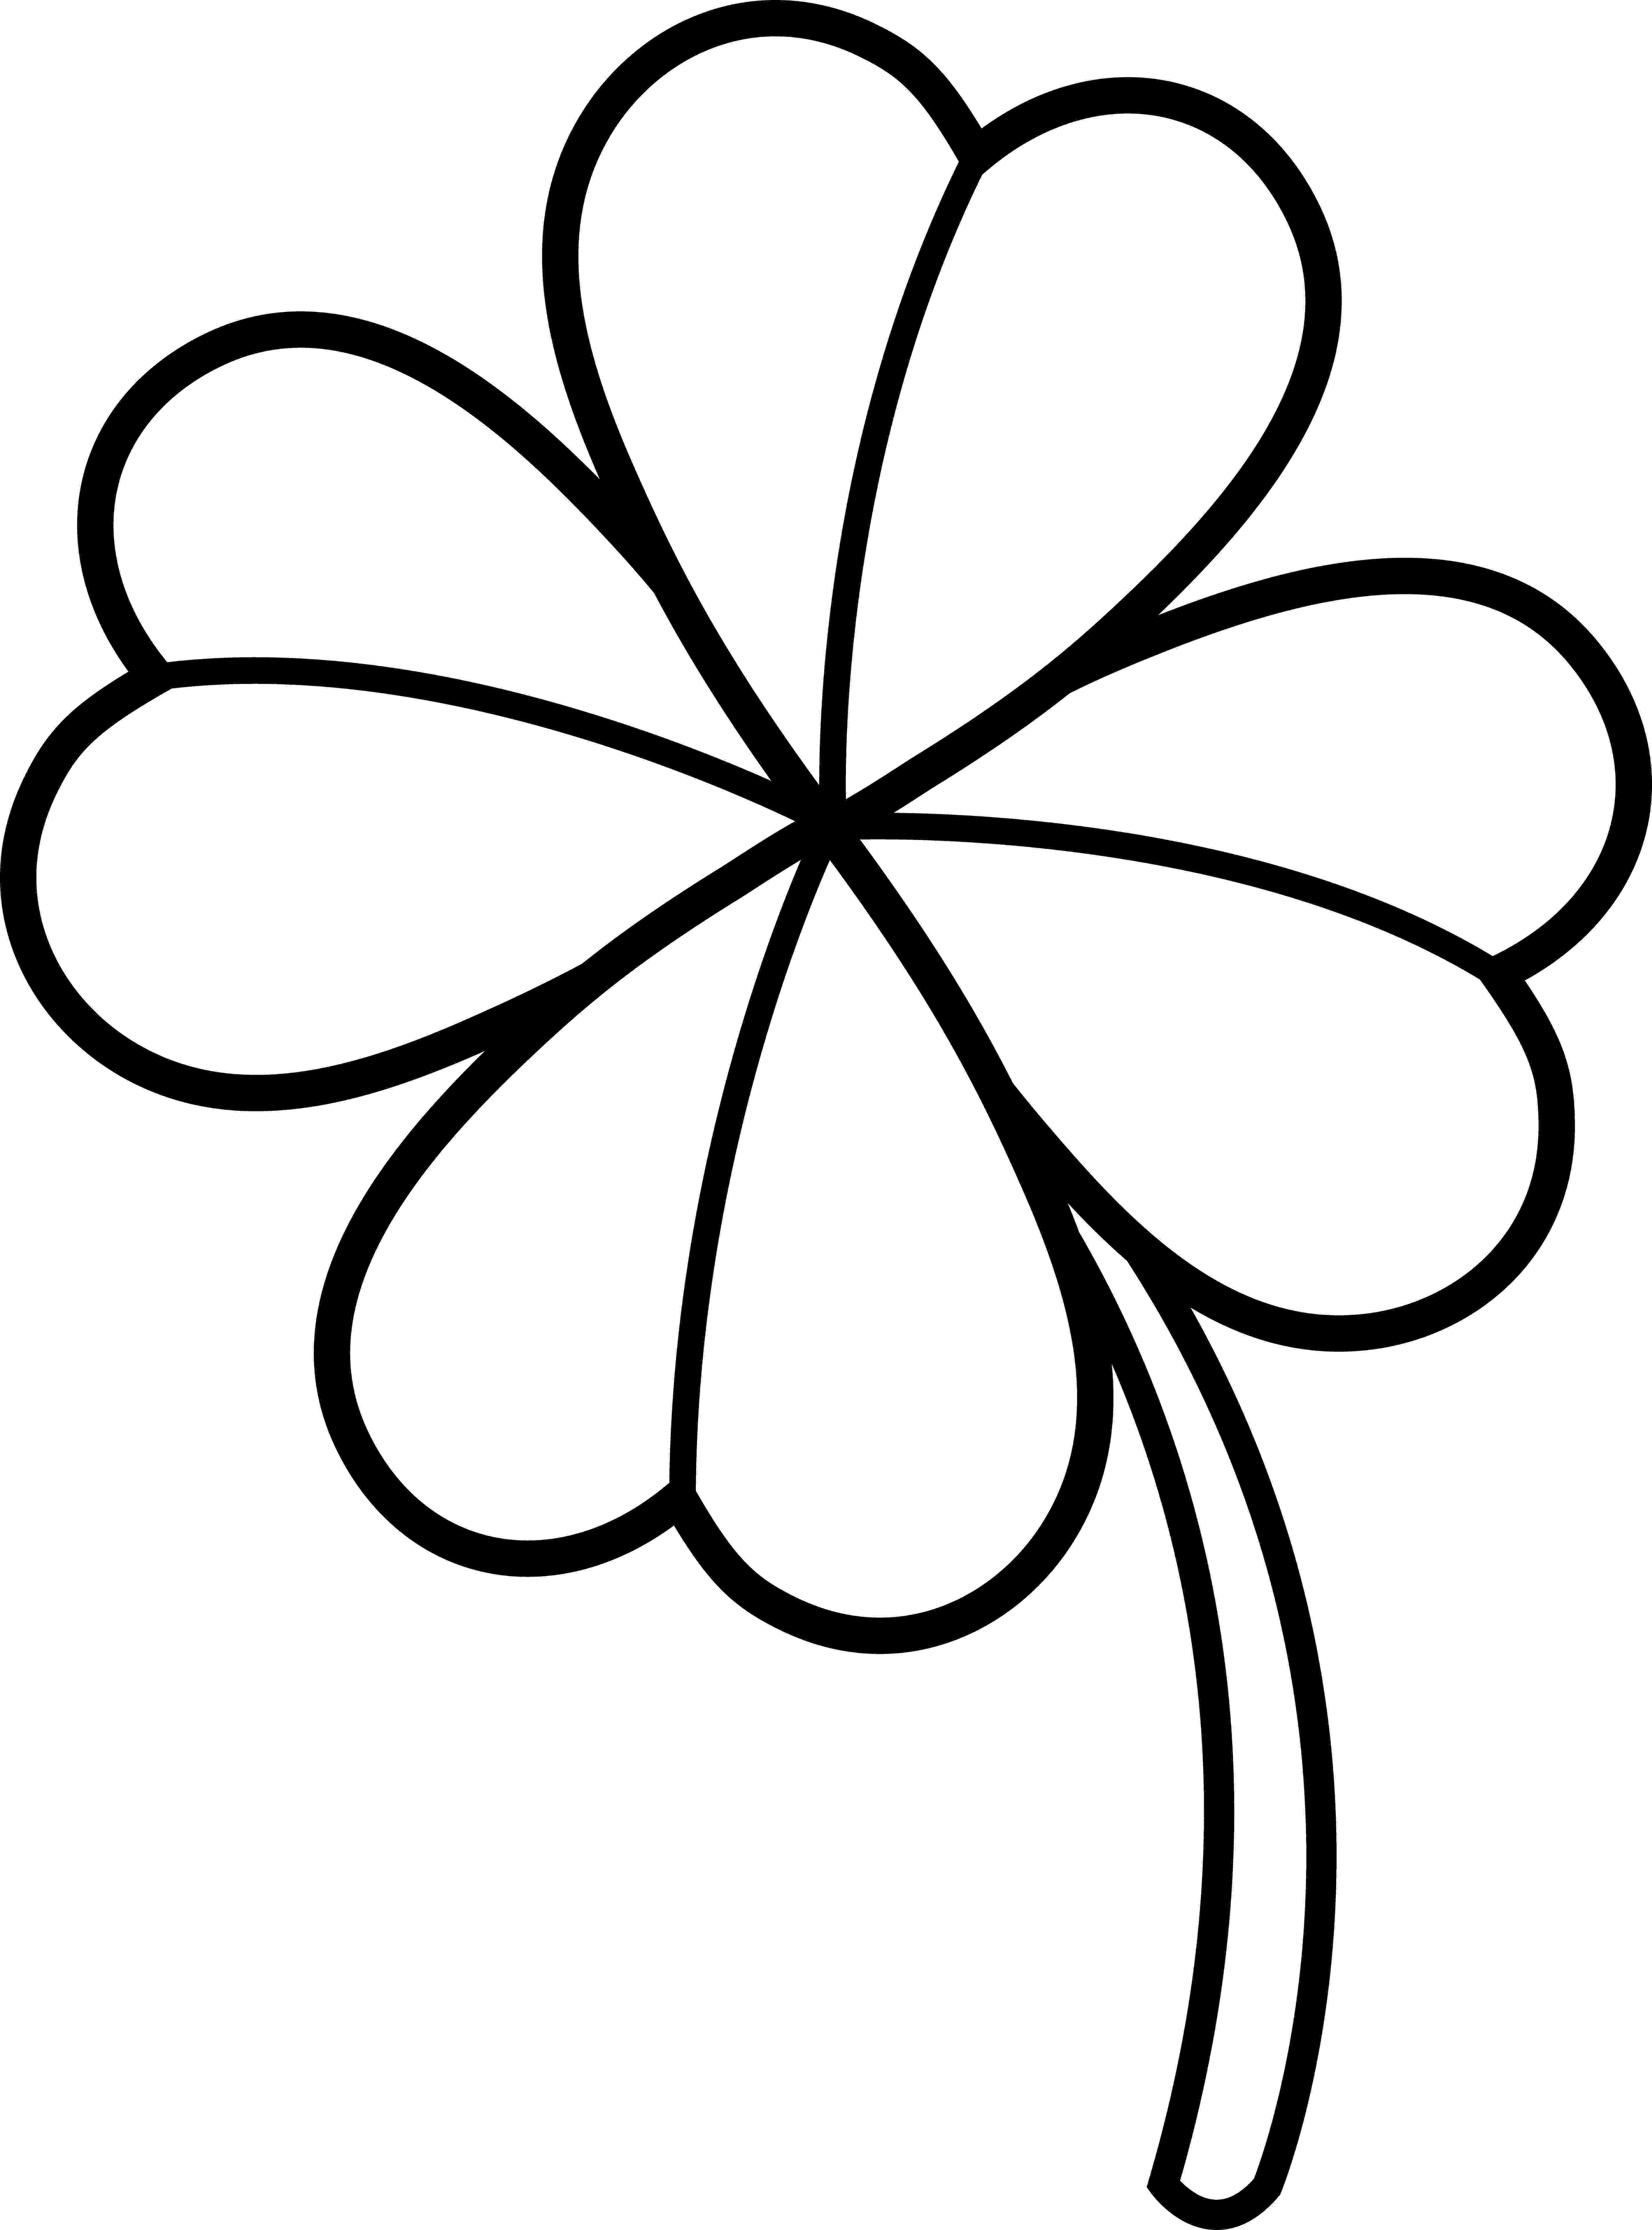 four leaf clover coloring page 4 leaf clover coloring page coloring home page leaf four coloring clover